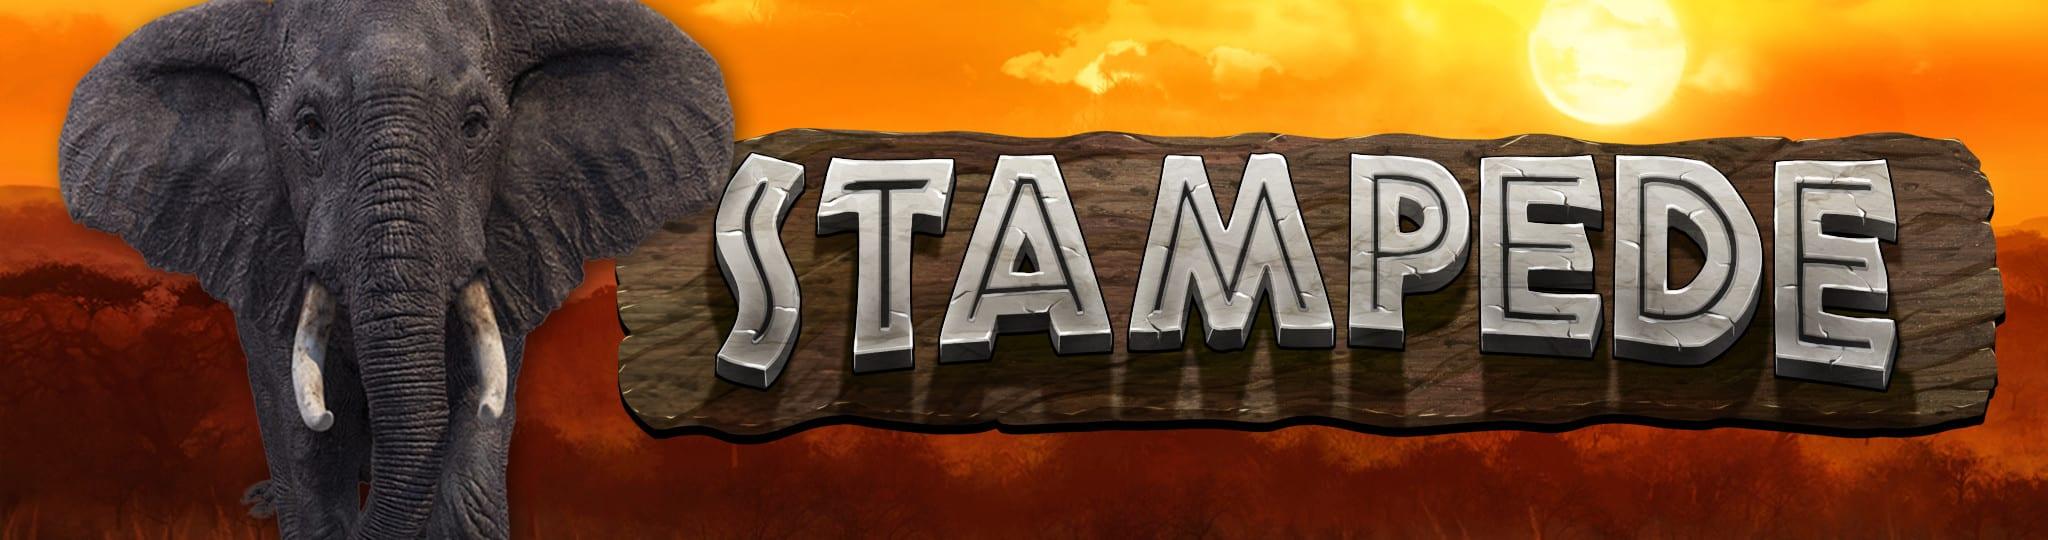 Stampede online slots game logo